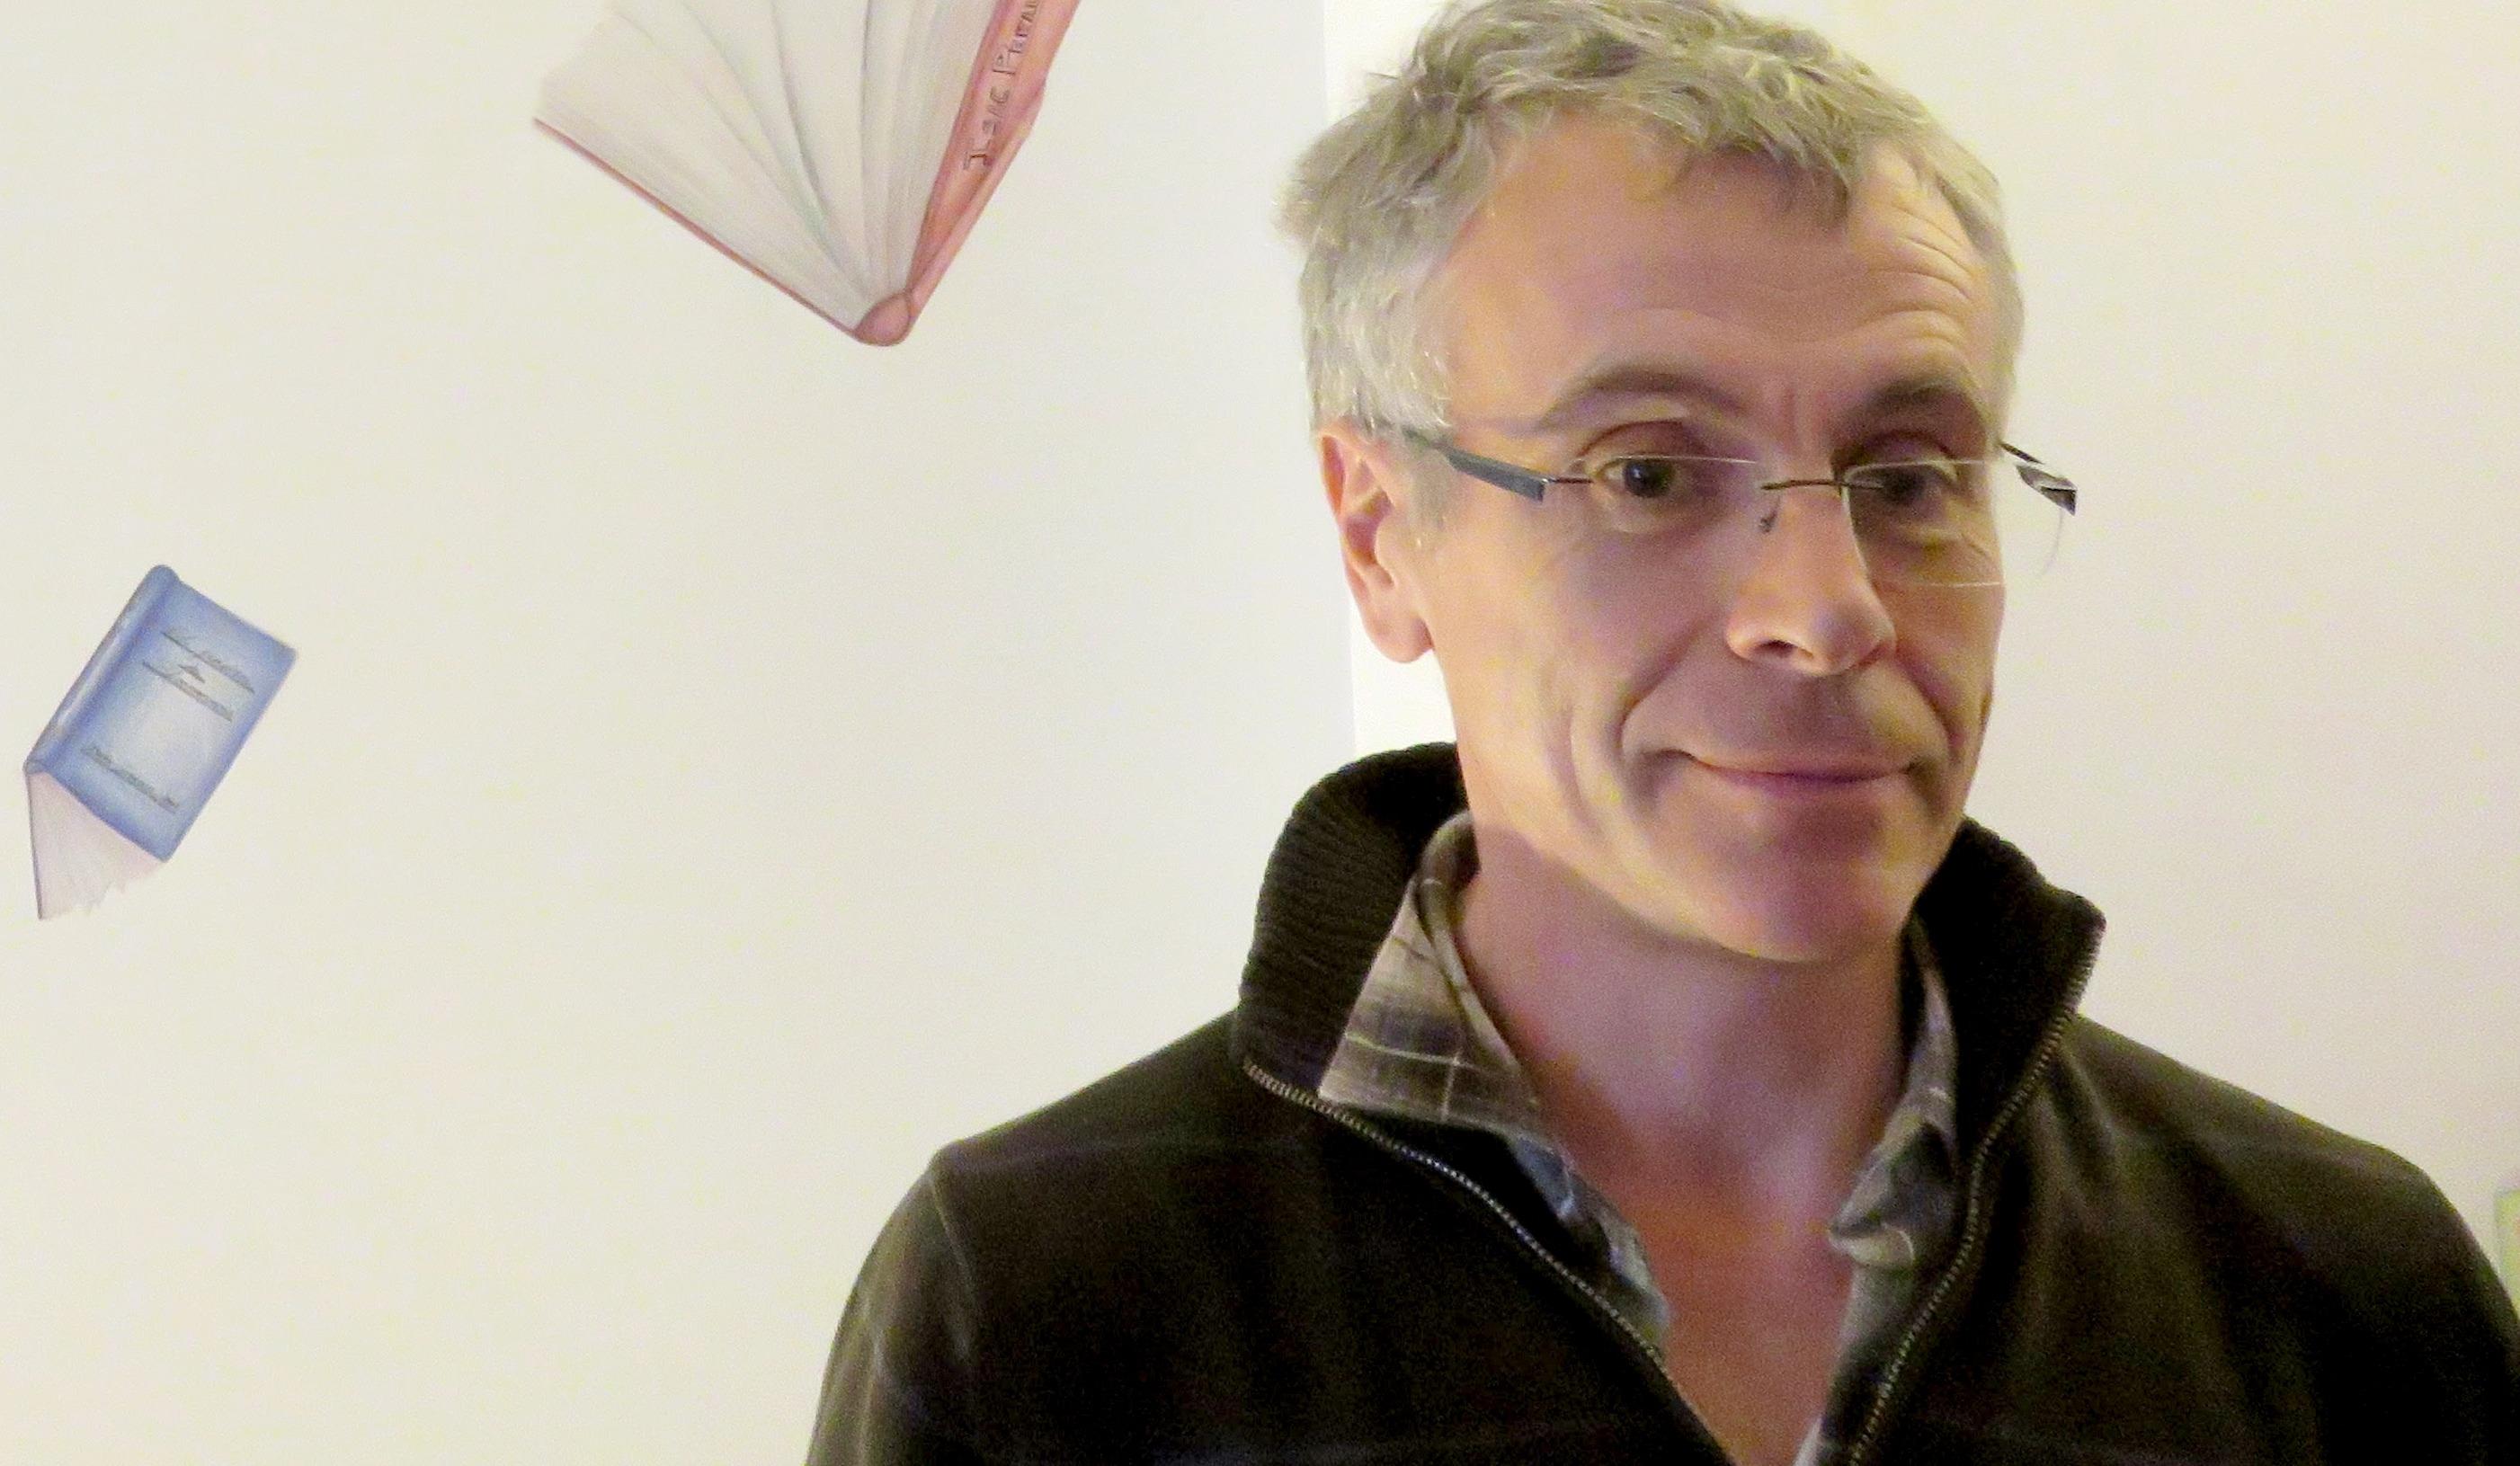 marc-maisonneuve-tosca-consultants